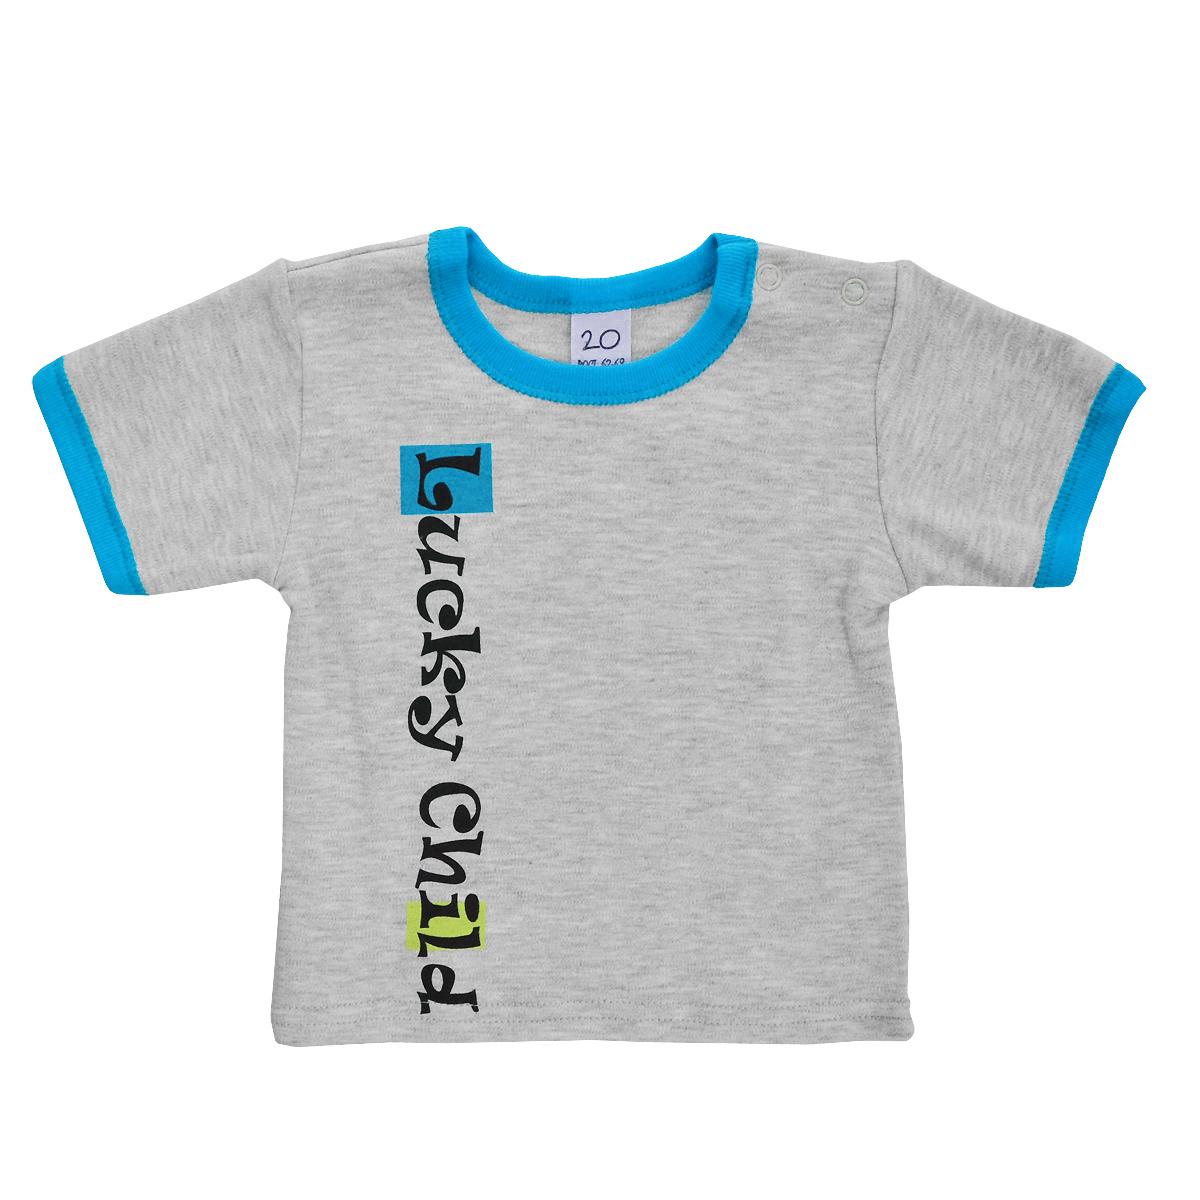 Футболка1-26ДДетская футболка Lucky Child Спорт идеально подойдет вашему ребенку и станет прекрасным дополнением к его гардеробу. Изготовленная из натурального хлопка, она мягкая и приятная на ощупь, не сковывает движения и позволяет коже дышать, не раздражает даже самую нежную и чувствительную кожу ребенка, обеспечивая наибольший комфорт. Футболка с круглым вырезом горловины и короткими рукавами застегивается на кнопки по плечевому шву, что позволяет легко переодеть кроху. Низ рукавов и вырез горловины дополнены трикотажными резинками контрастного цвета. Модель оформлена принтовой надписью. В такой футболке ваш ребенок будет чувствовать себя уютно и комфортно, и всегда будет в центре внимания!